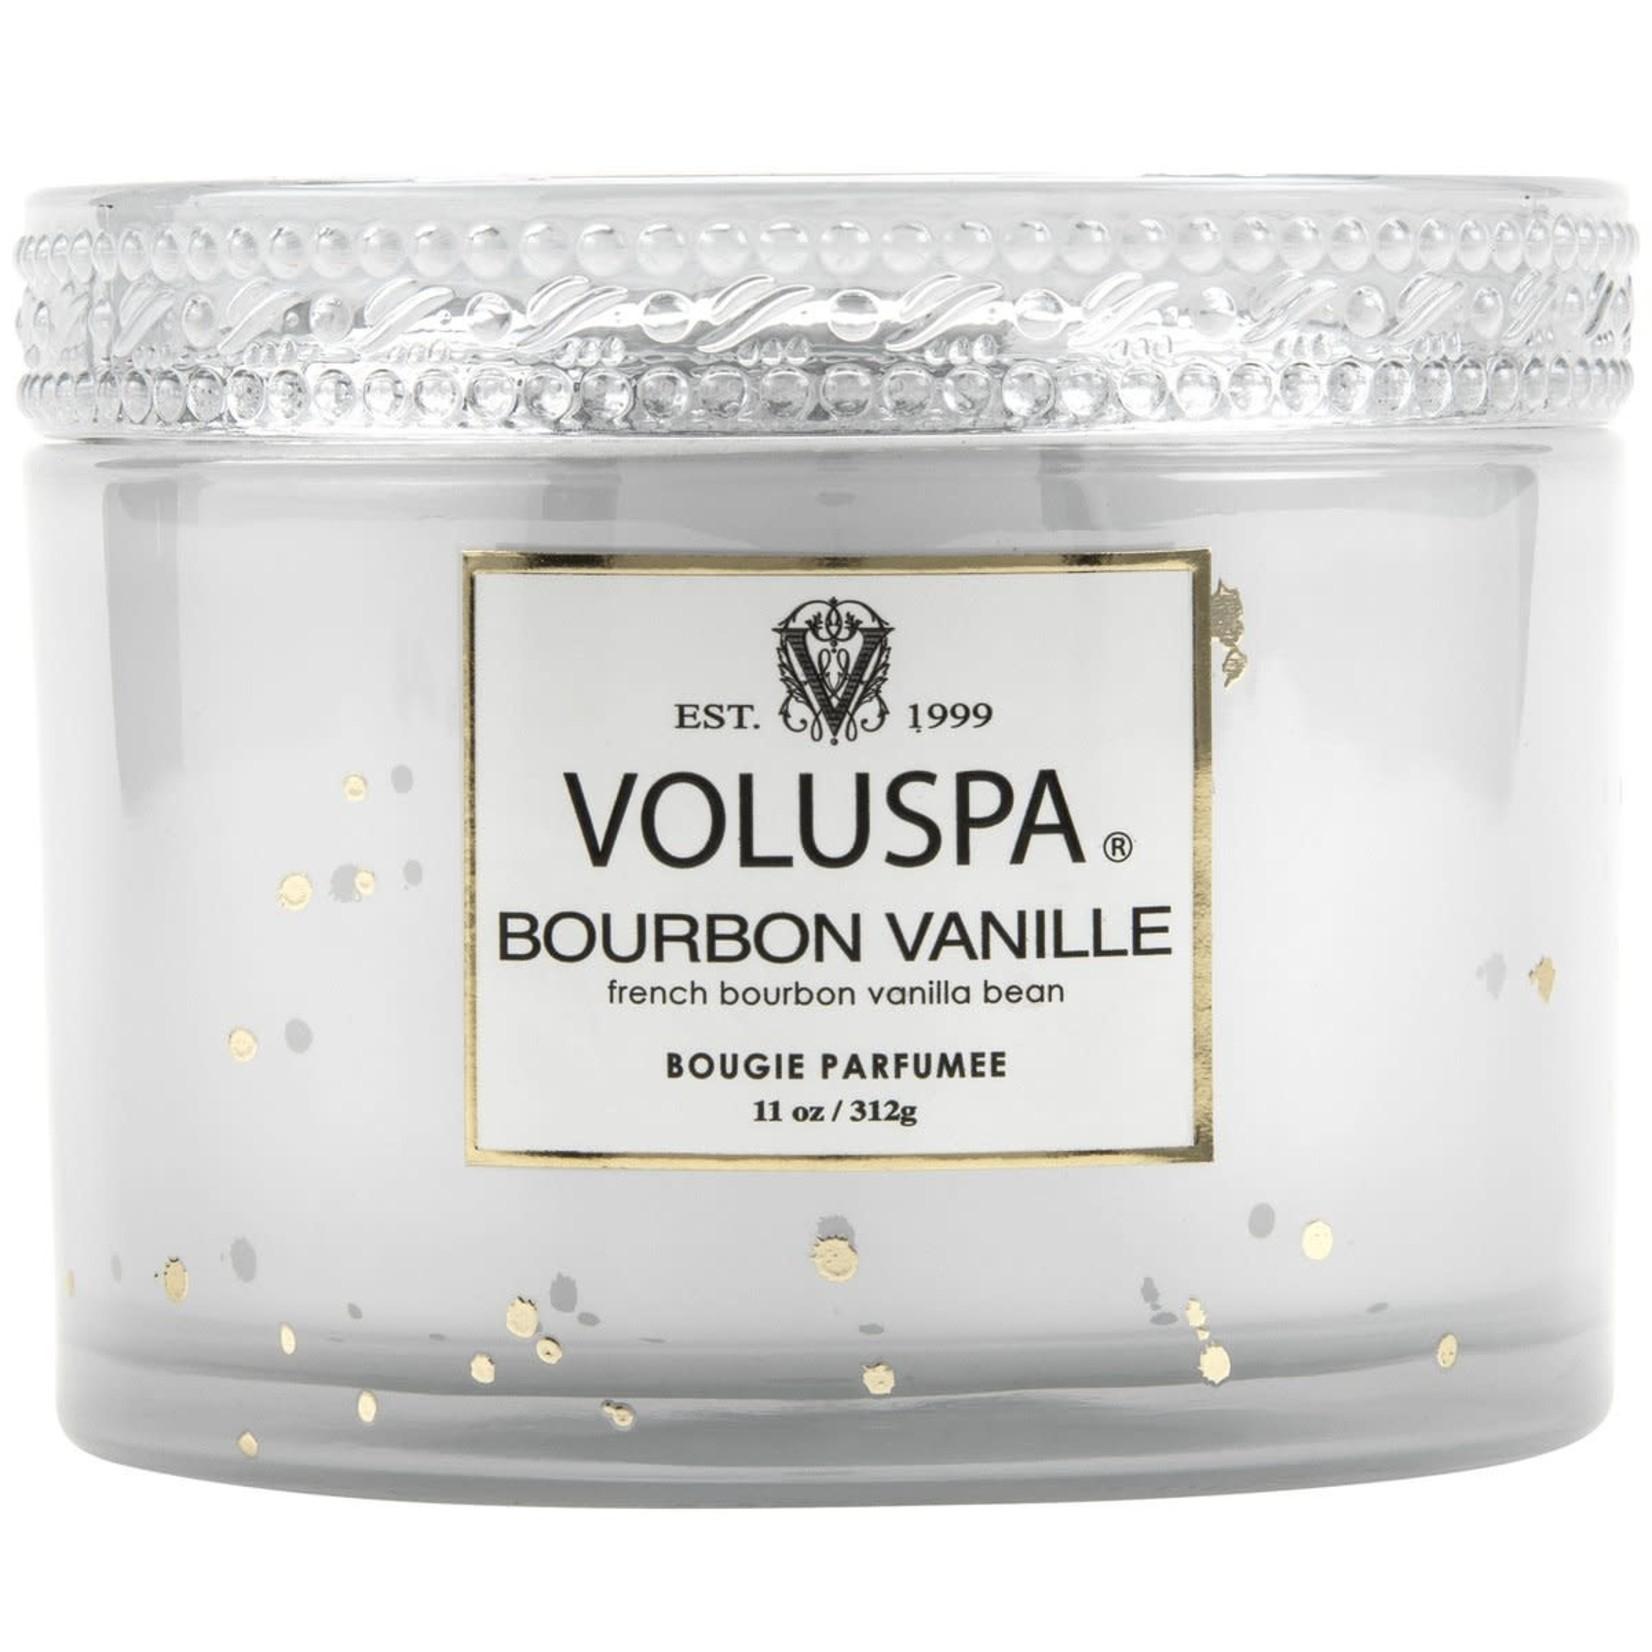 Voluspa Bourbon Vanille Corta Maison Boxed Candle